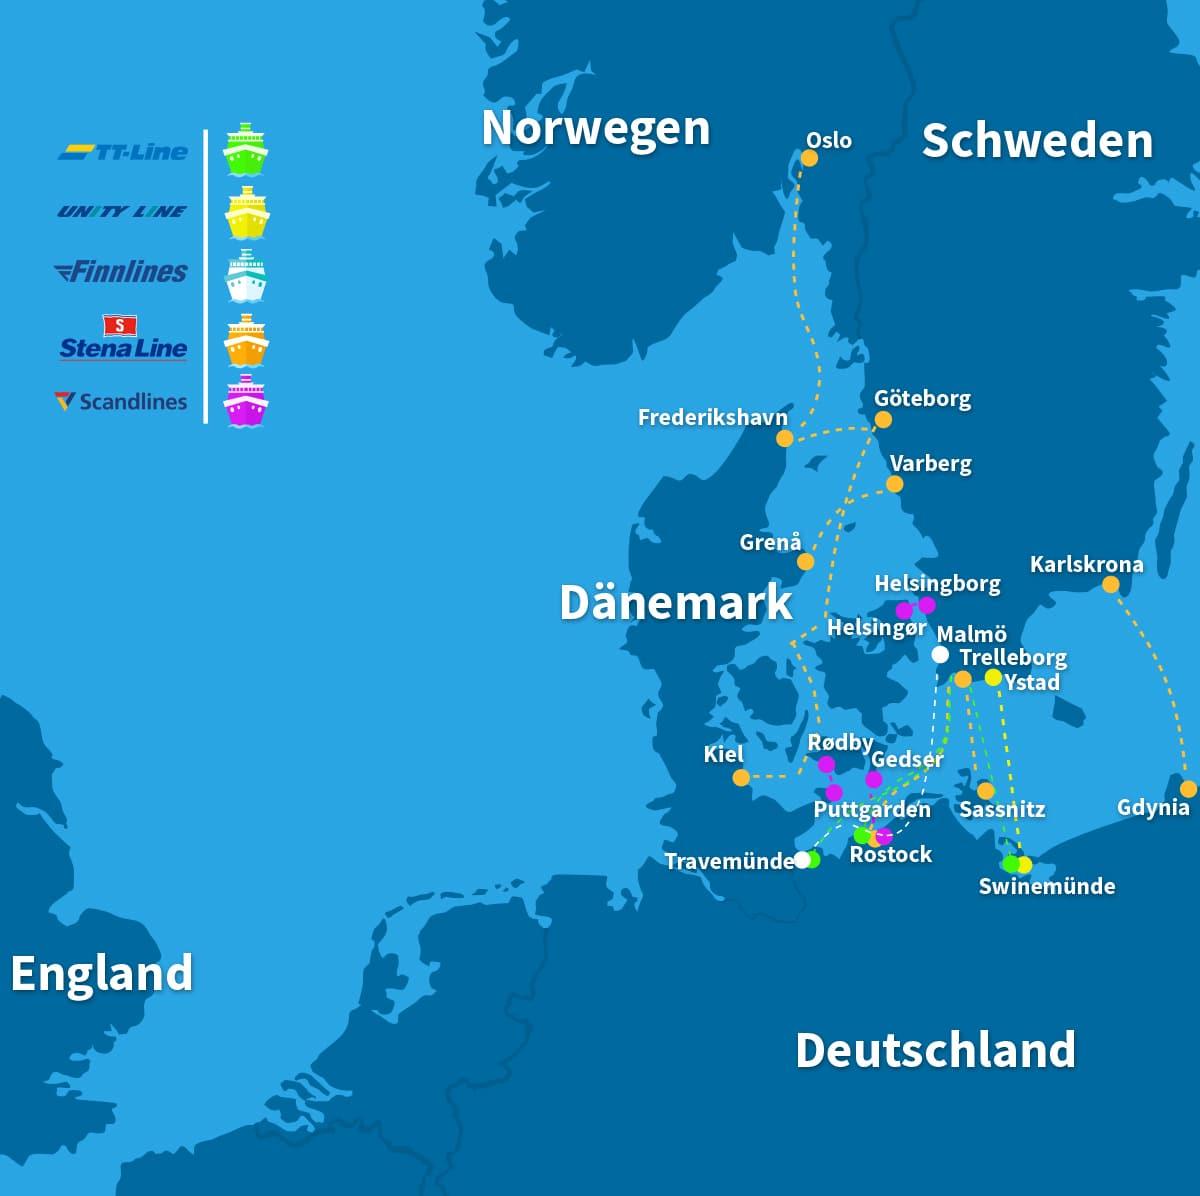 Karte Schweden Dänemark Deutschland.Fähre Nach Schweden Preise Routen Und Buchen